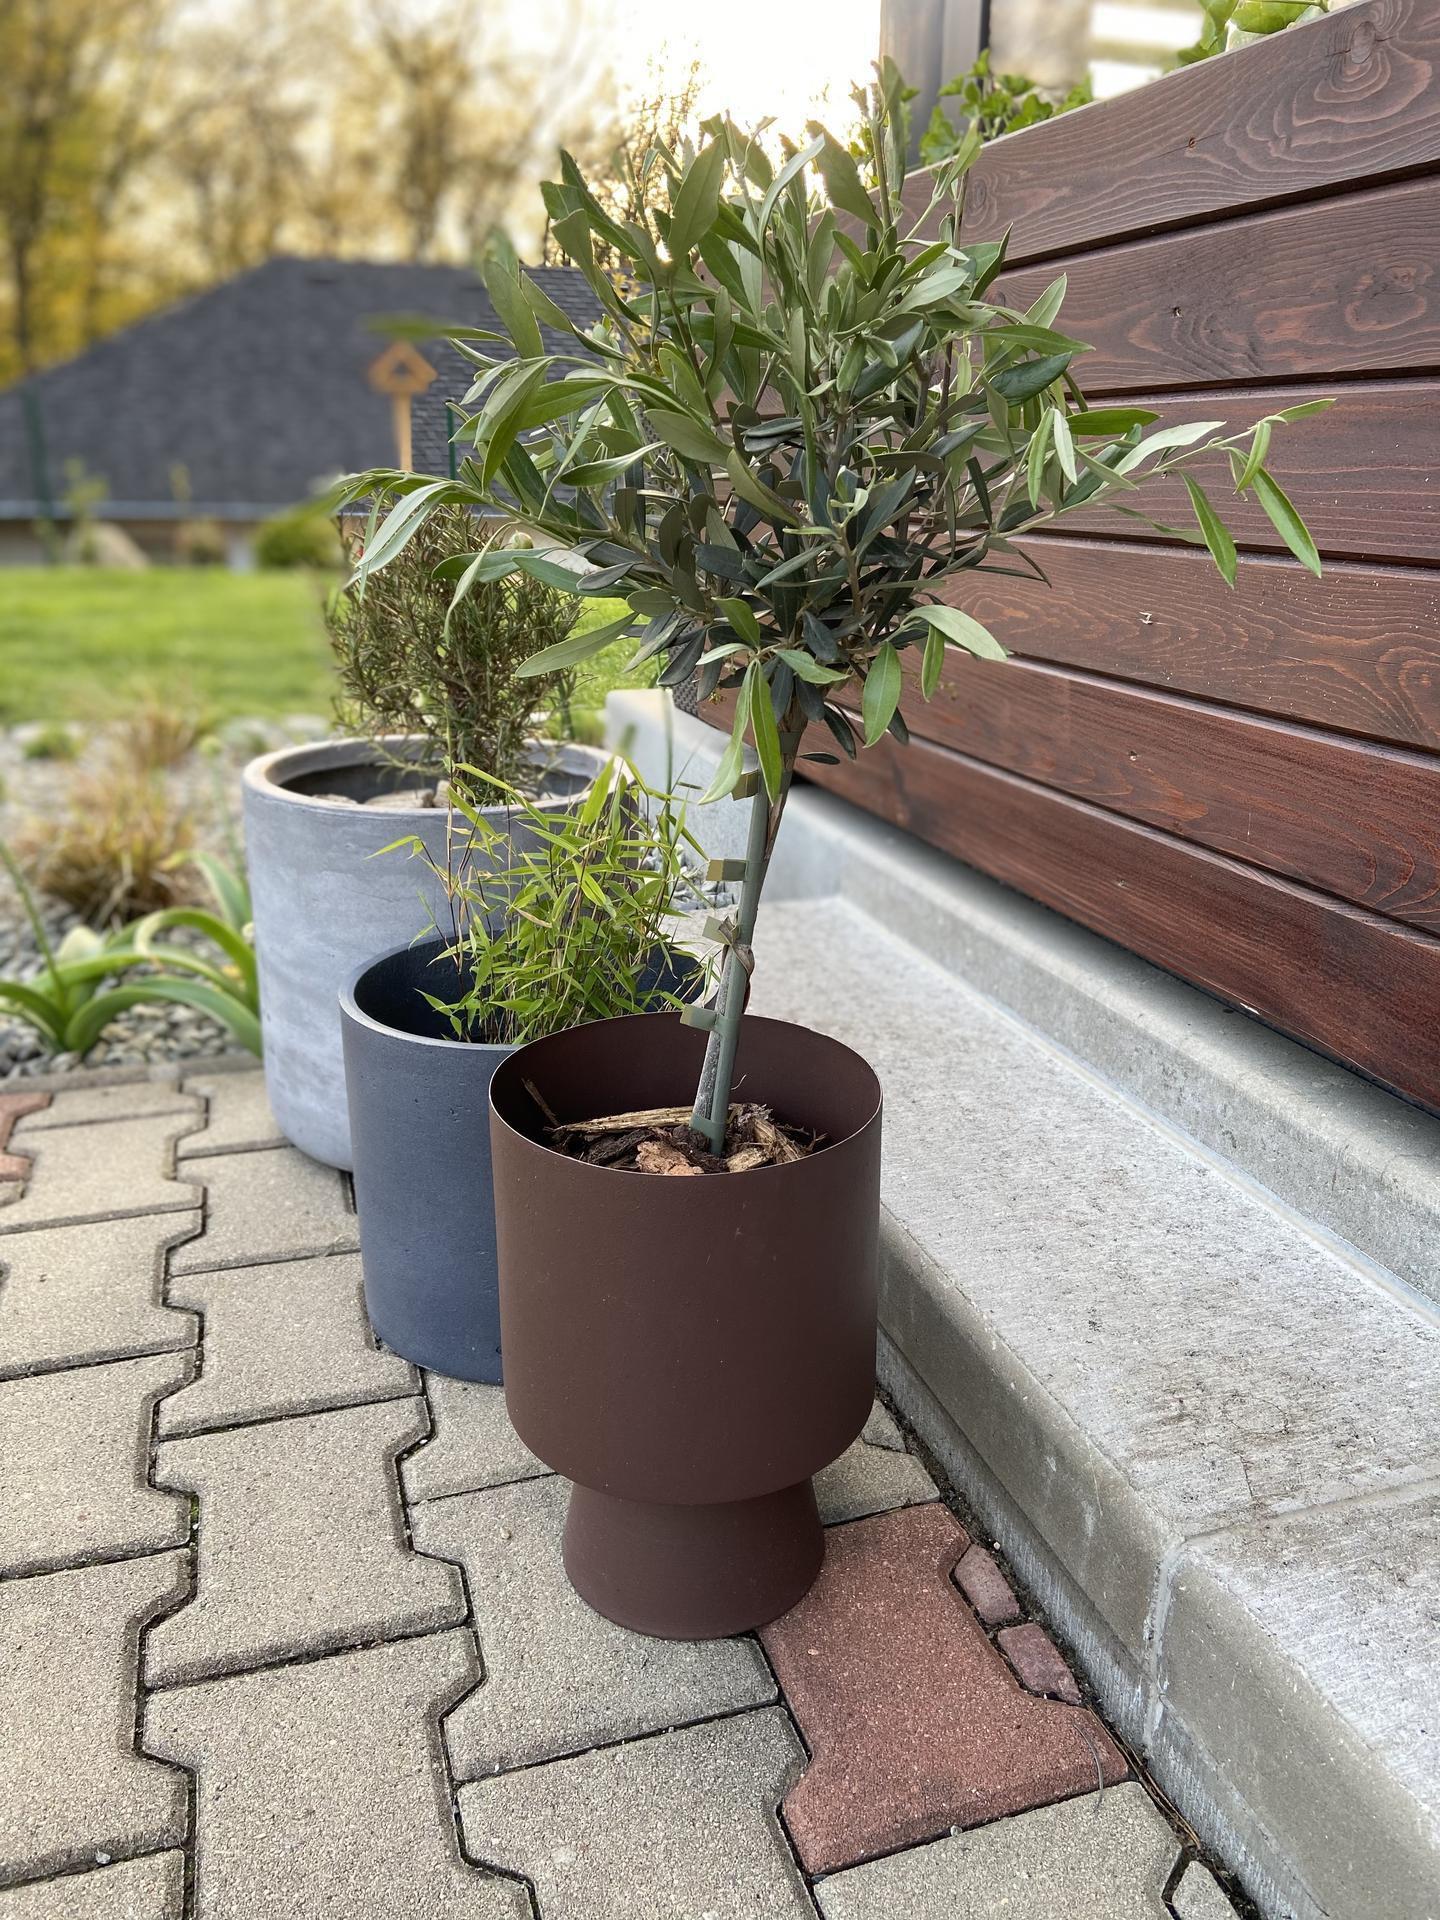 Pergola + zimní zahrada + zahrada - můj první olivovník, do budoucna bych chtěla další a větší, pokud se mu bude dařit